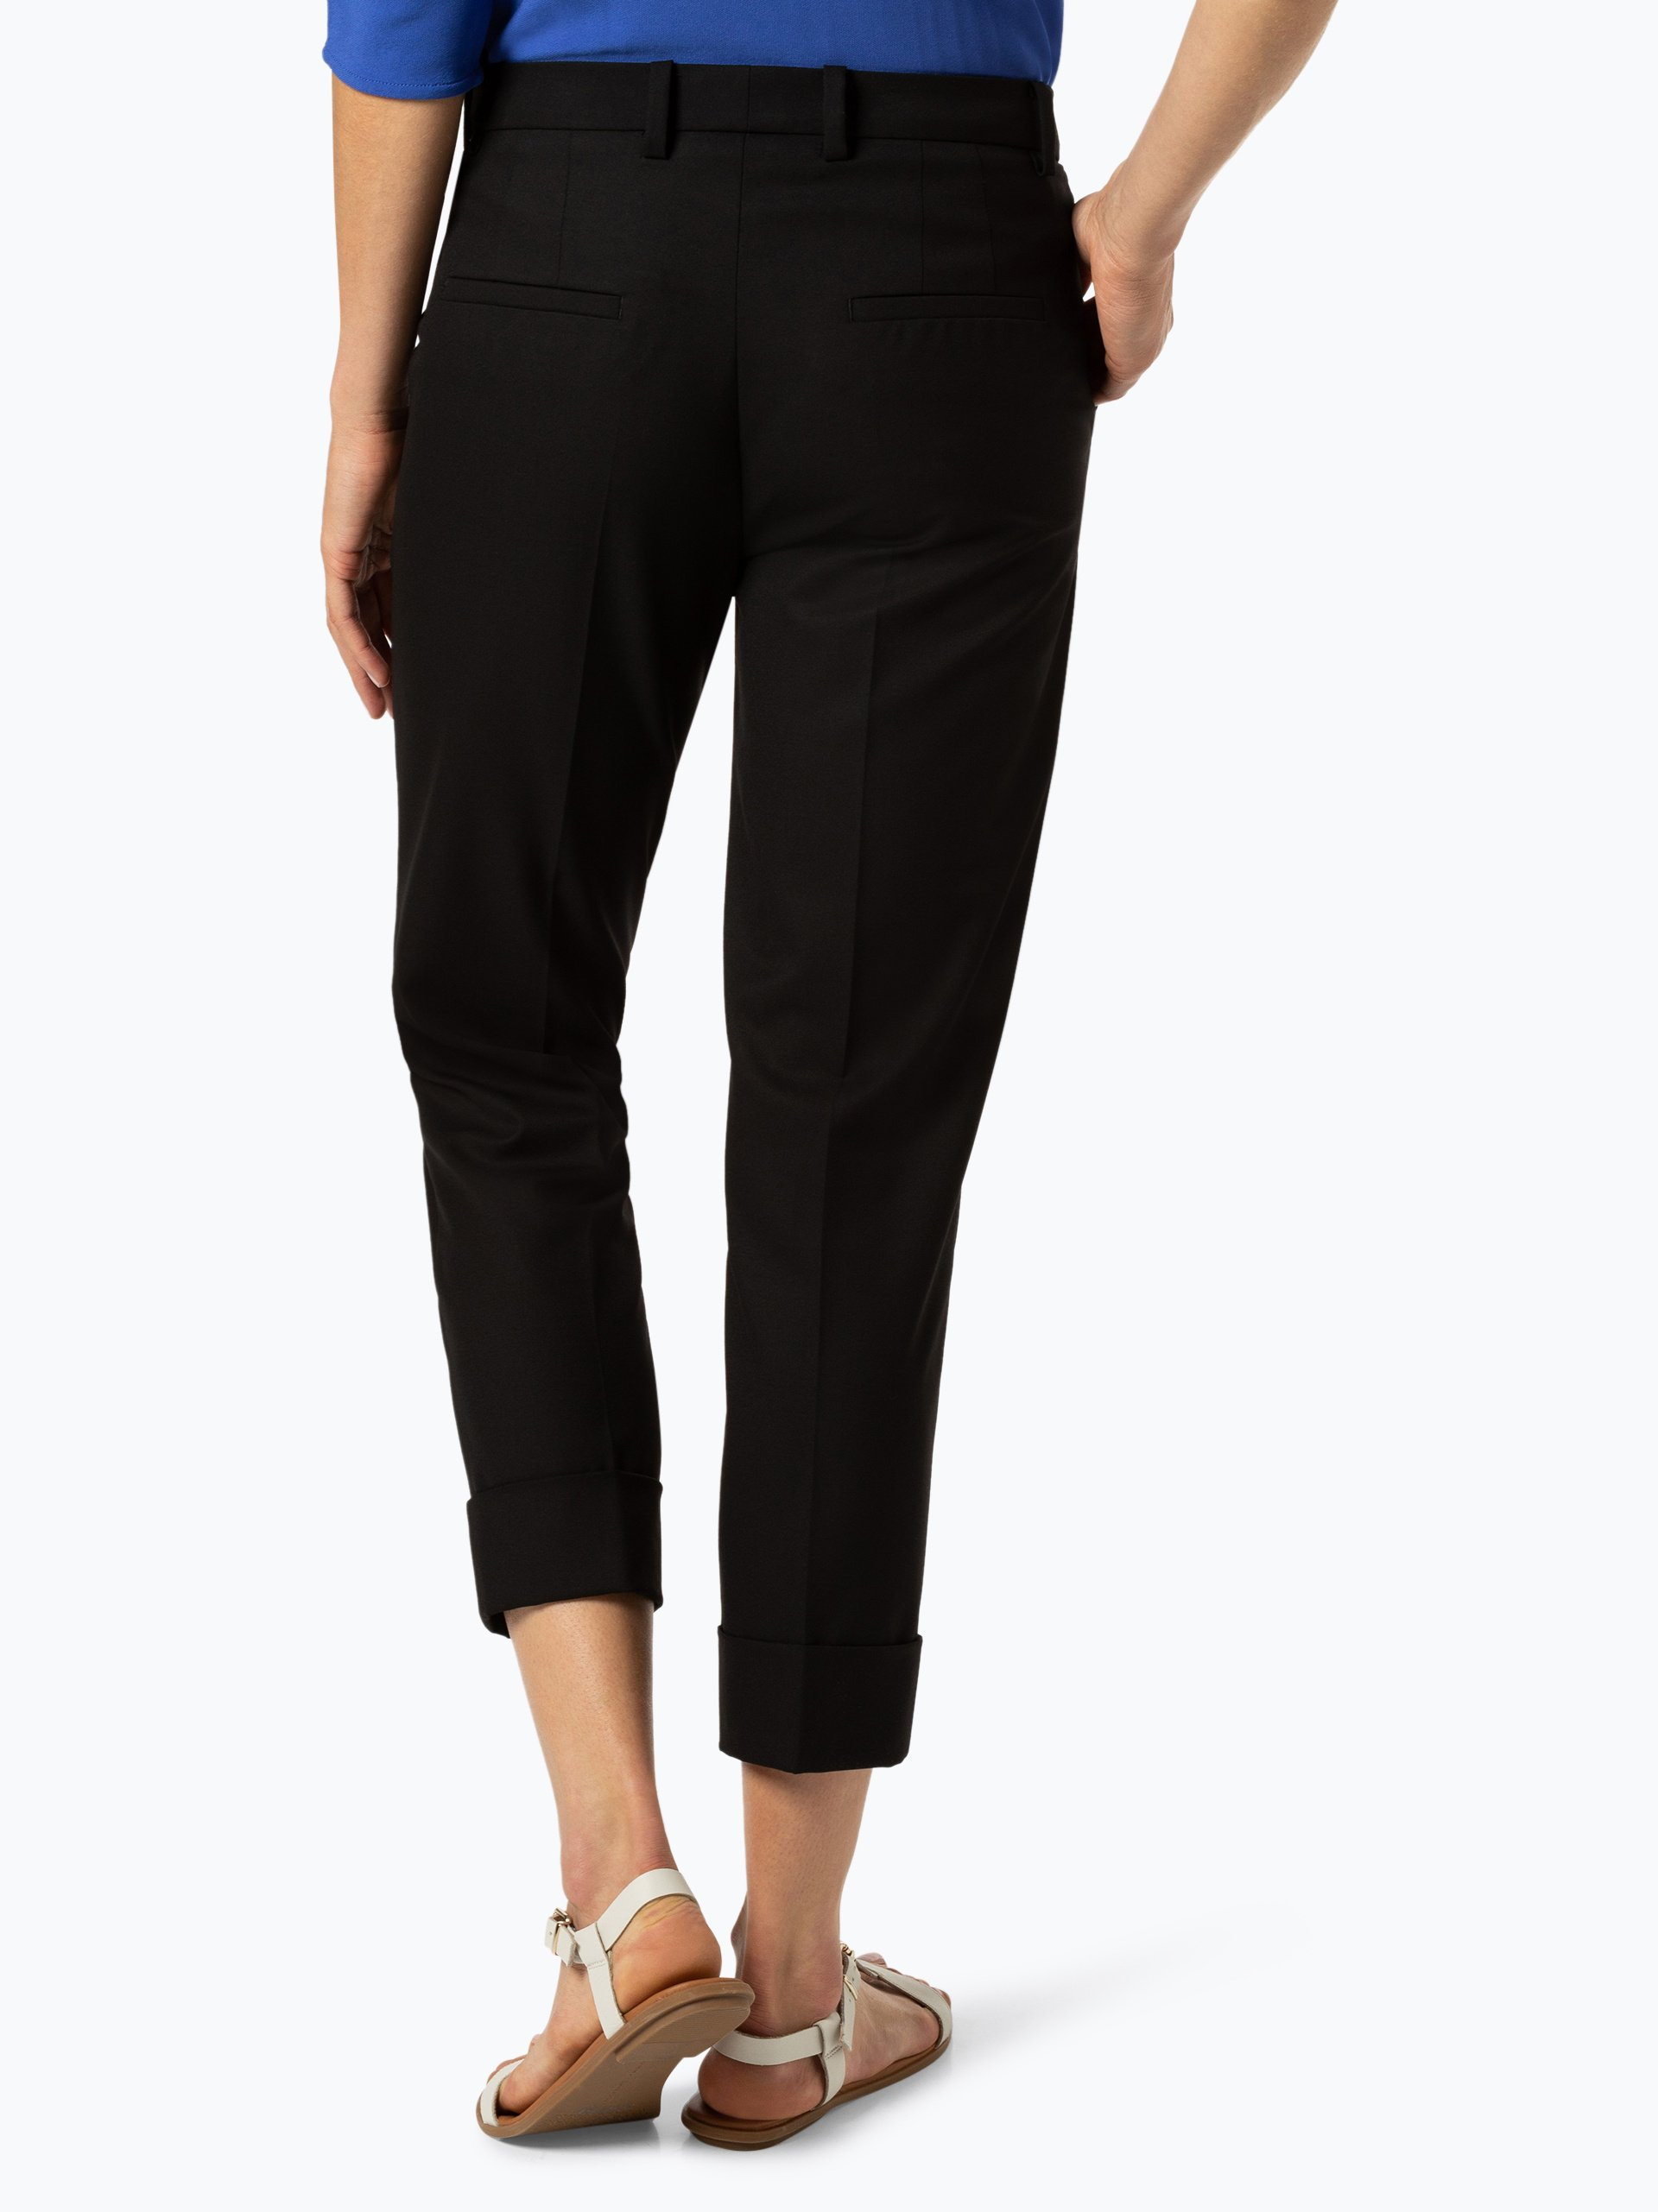 Cambio Spodnie damskie – Krystal